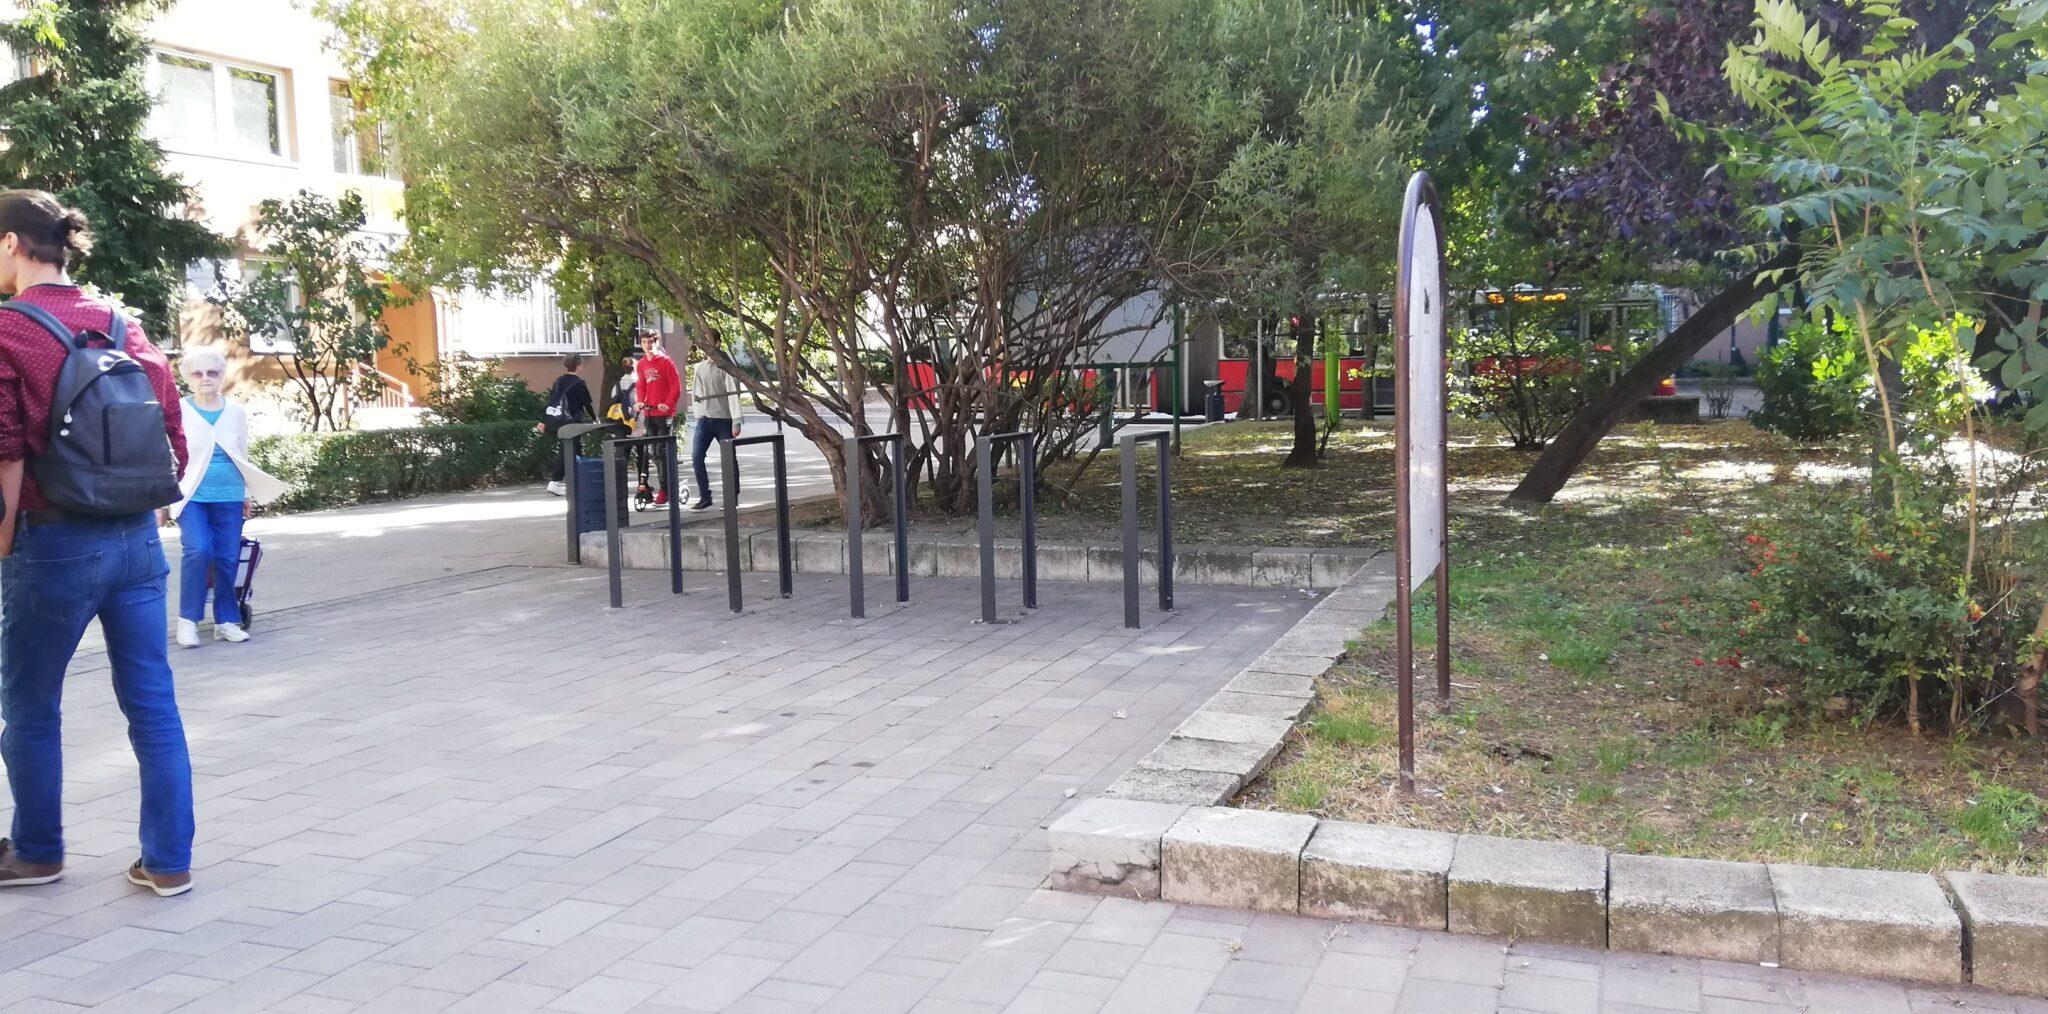 Központi helyen van, közel a panelekhez, ideális helyszín, de a szabadtéri bringatámaszoknak is kell helyet találni